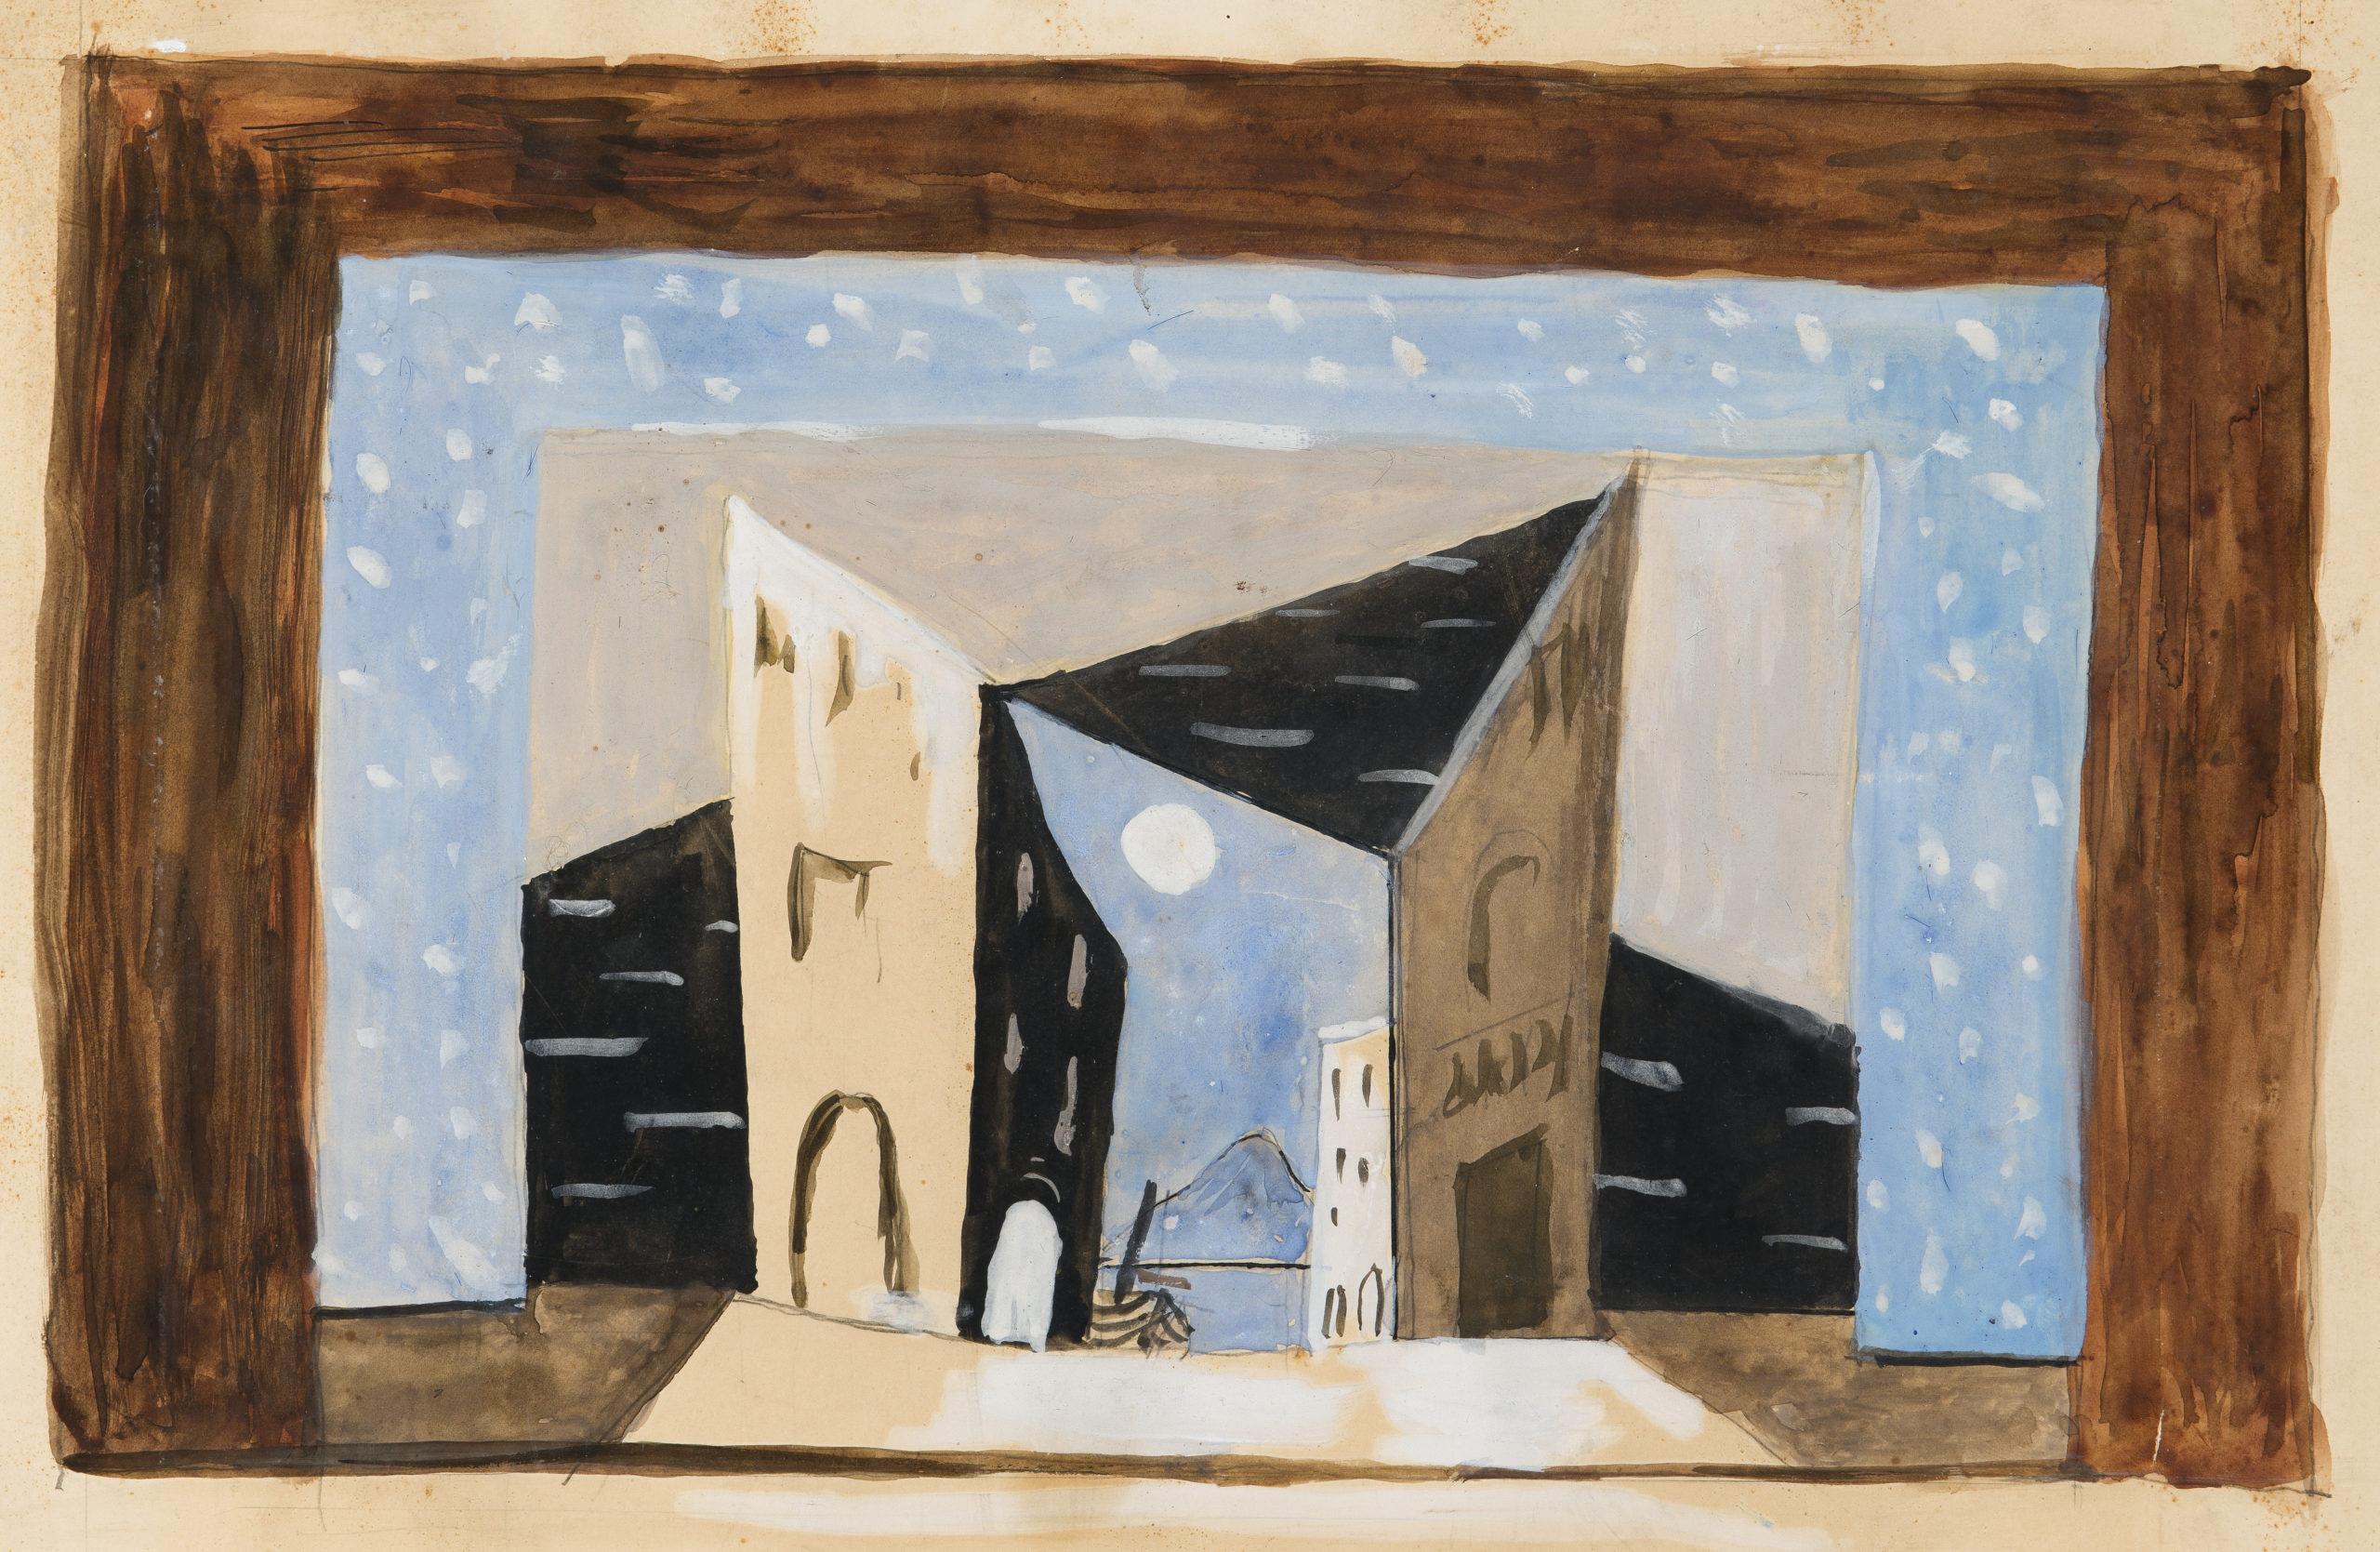 Pablo Picasso, Maquette for Le Tricorne (The Three Cornered Hat)